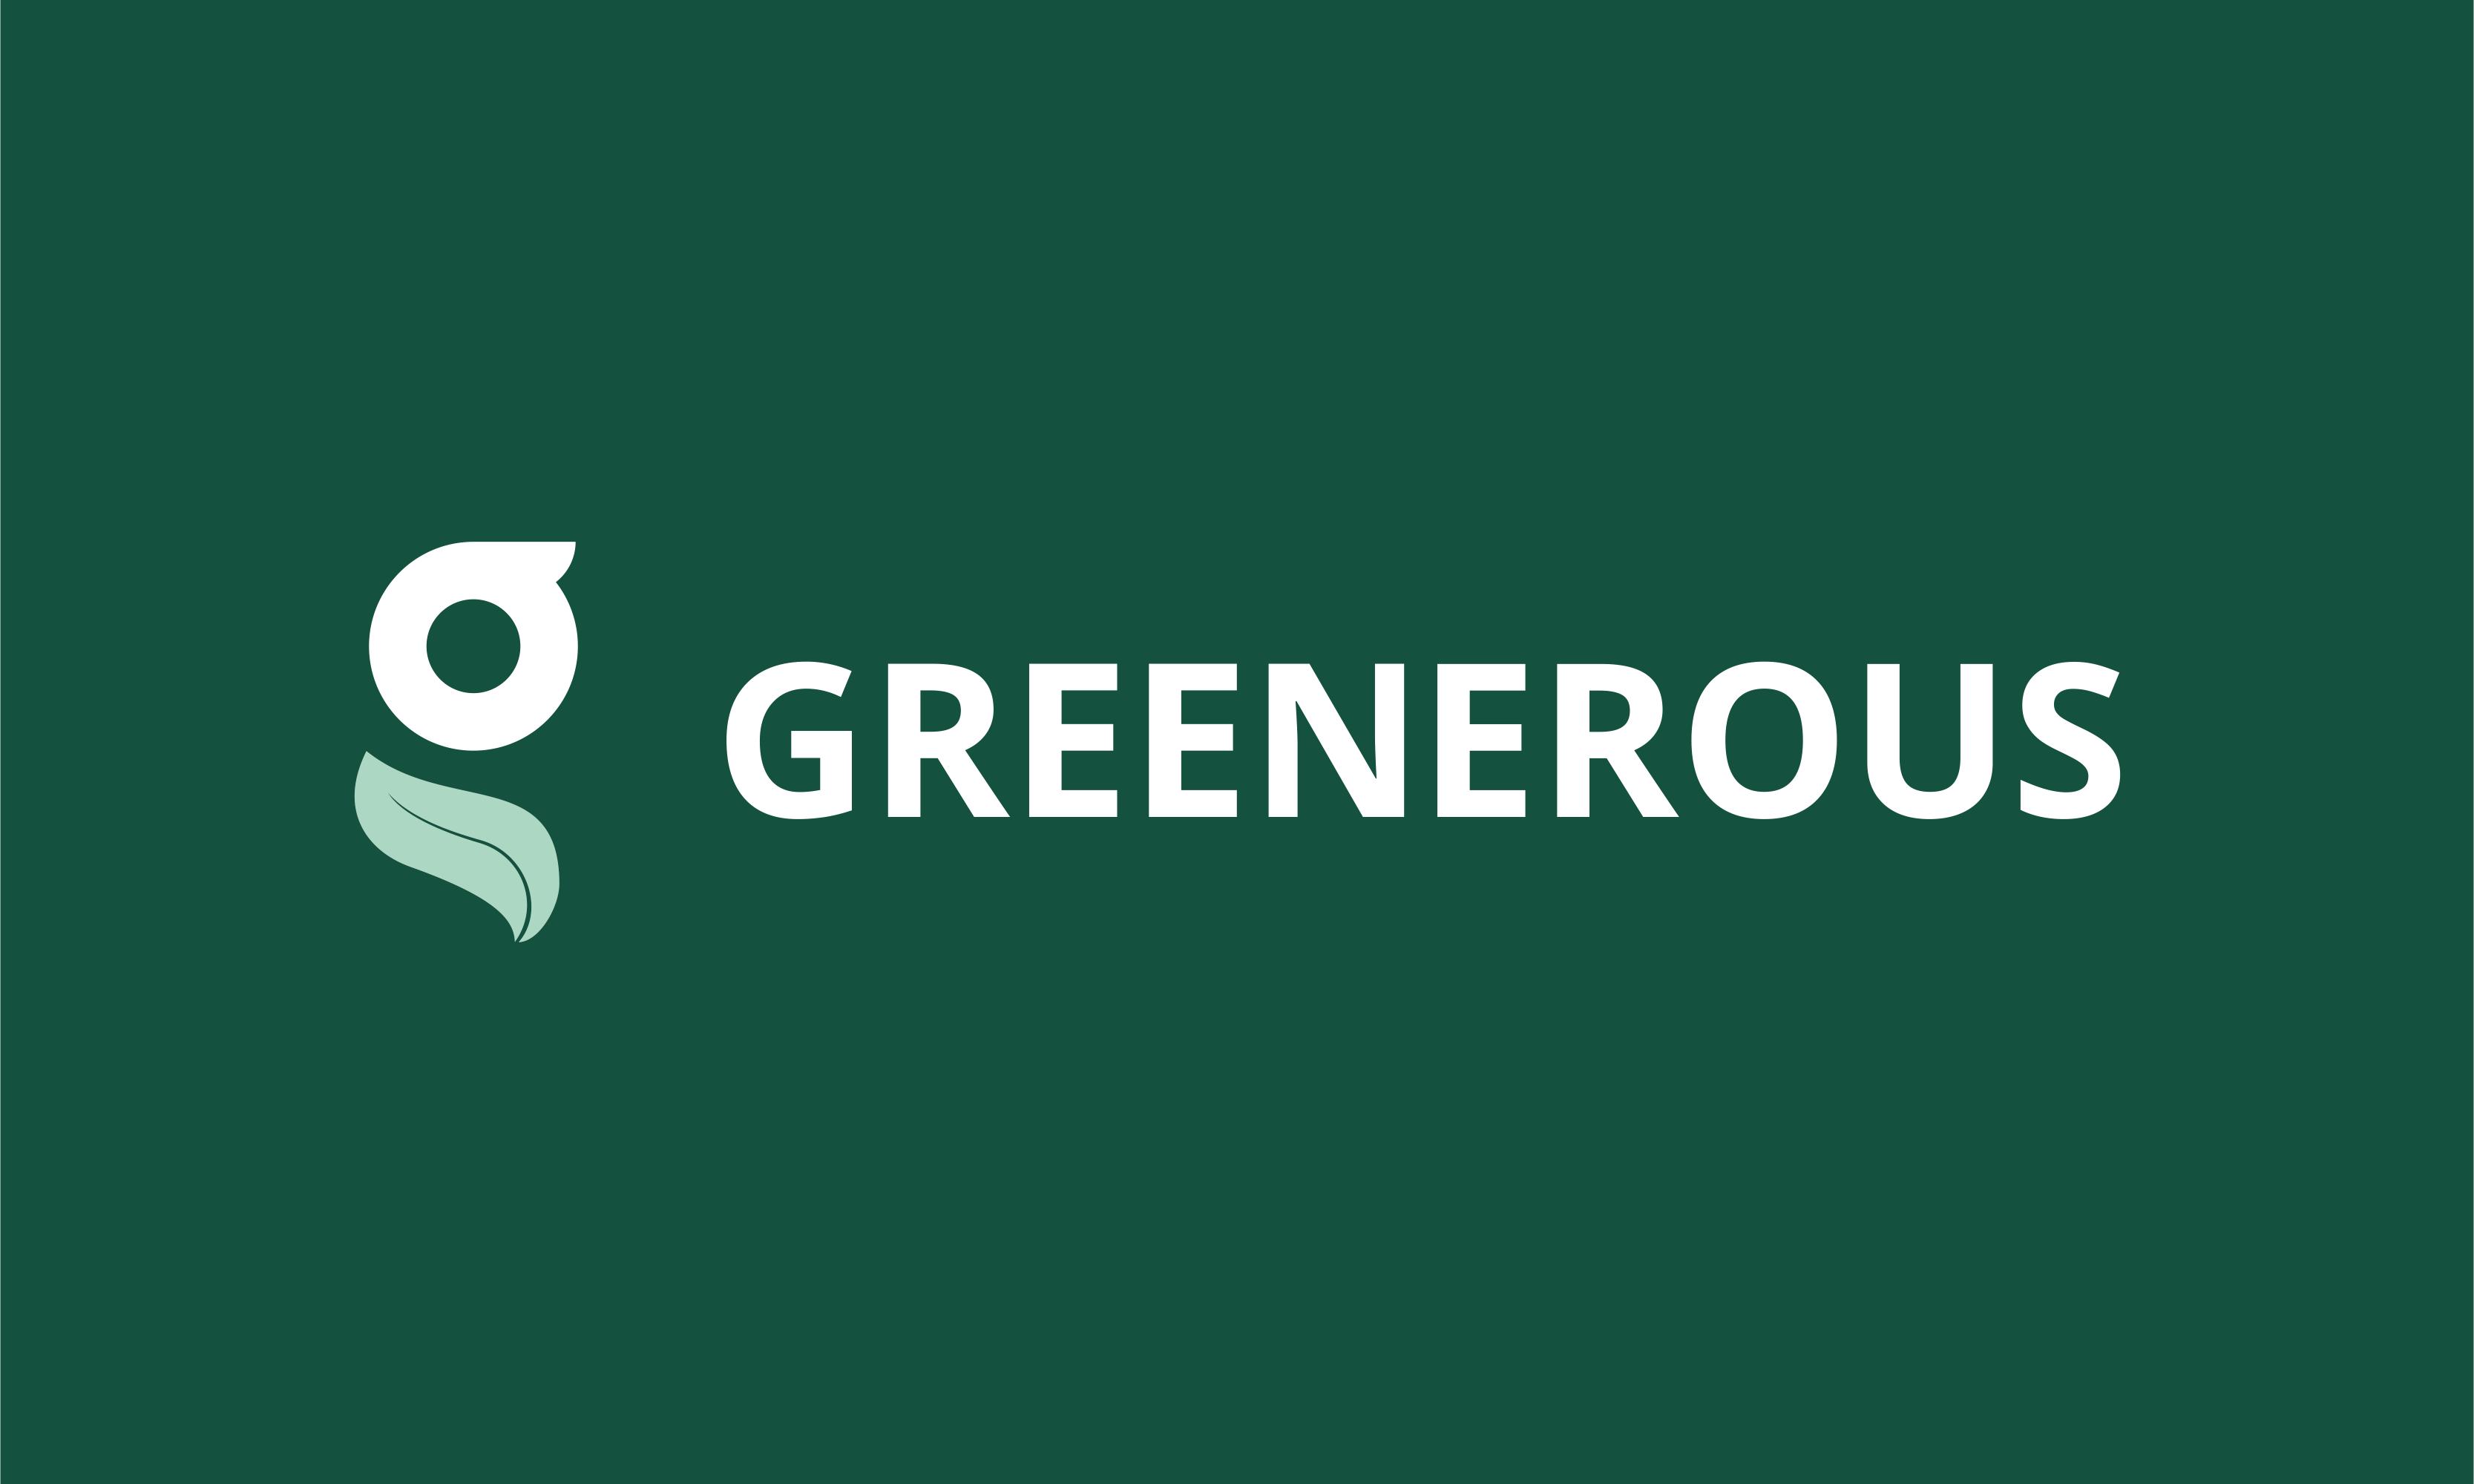 Greenerous